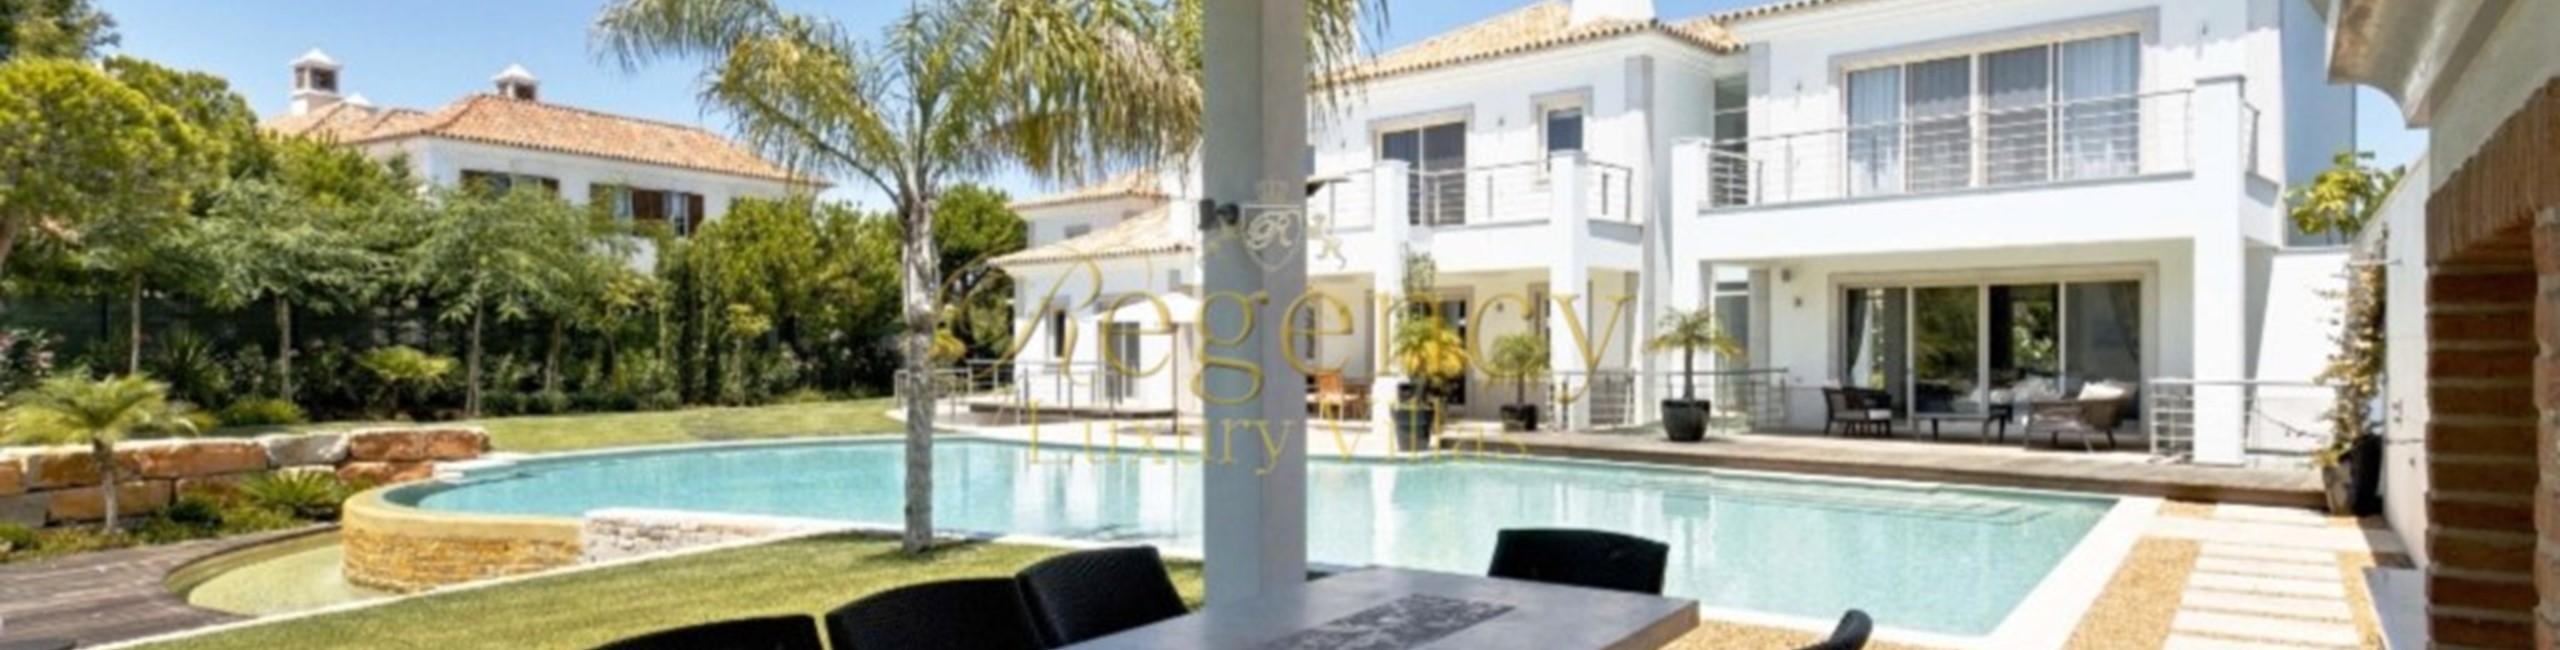 6 Bedroom Villa Rental Quinta Do Lago Luxury Villa Rentals RLV 1